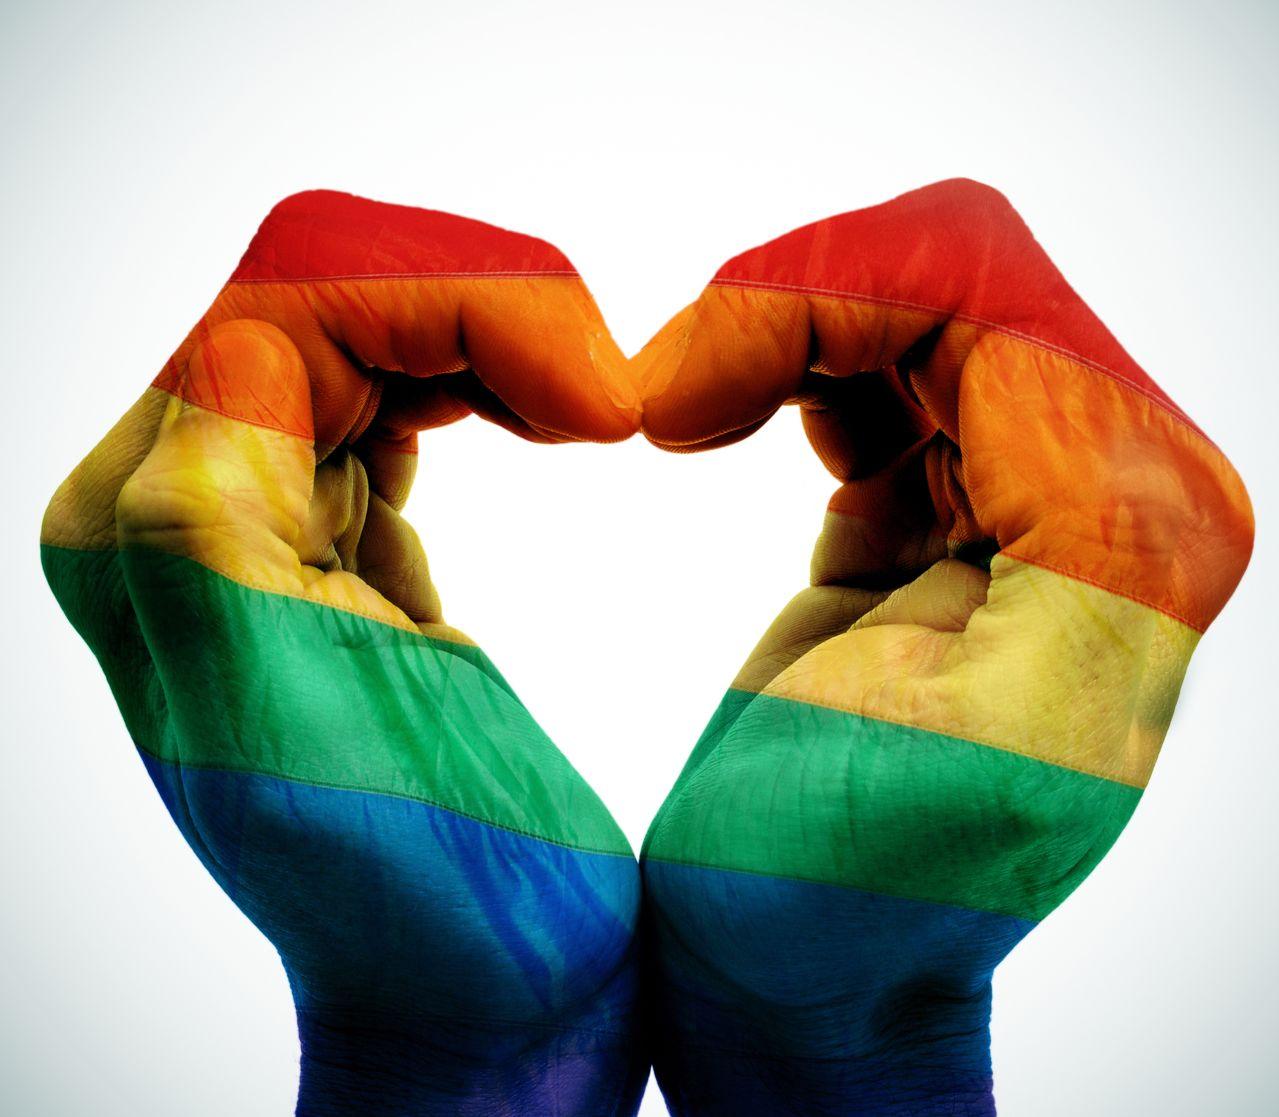 terapia especializada en gays en psicode madrid